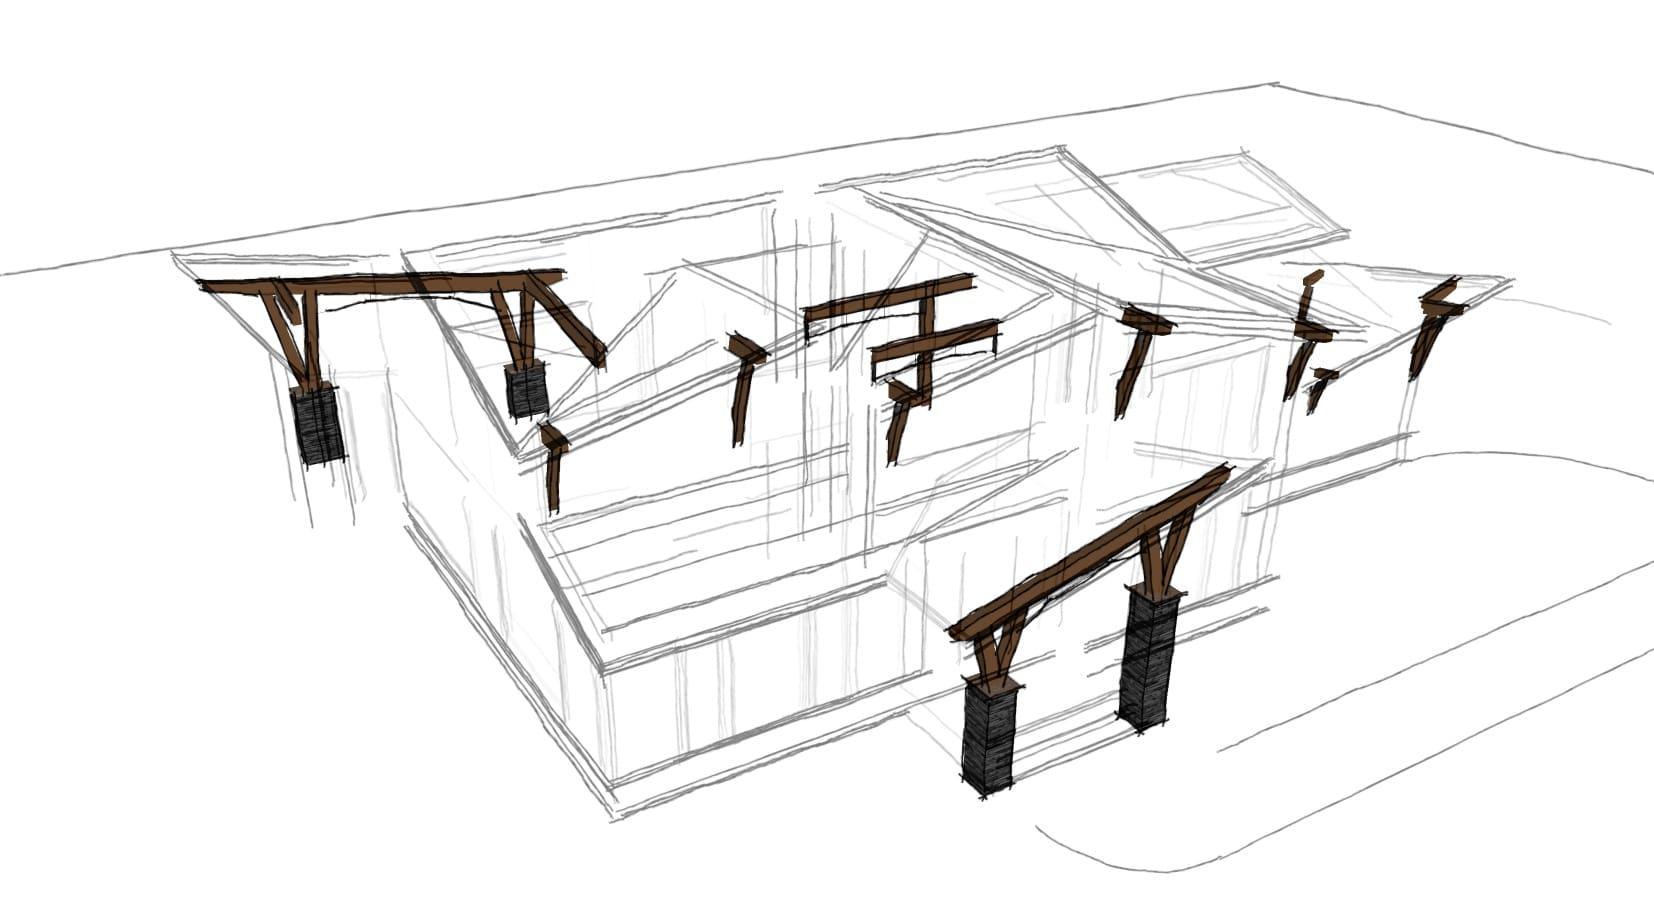 hybrid timber framing example sketch plan